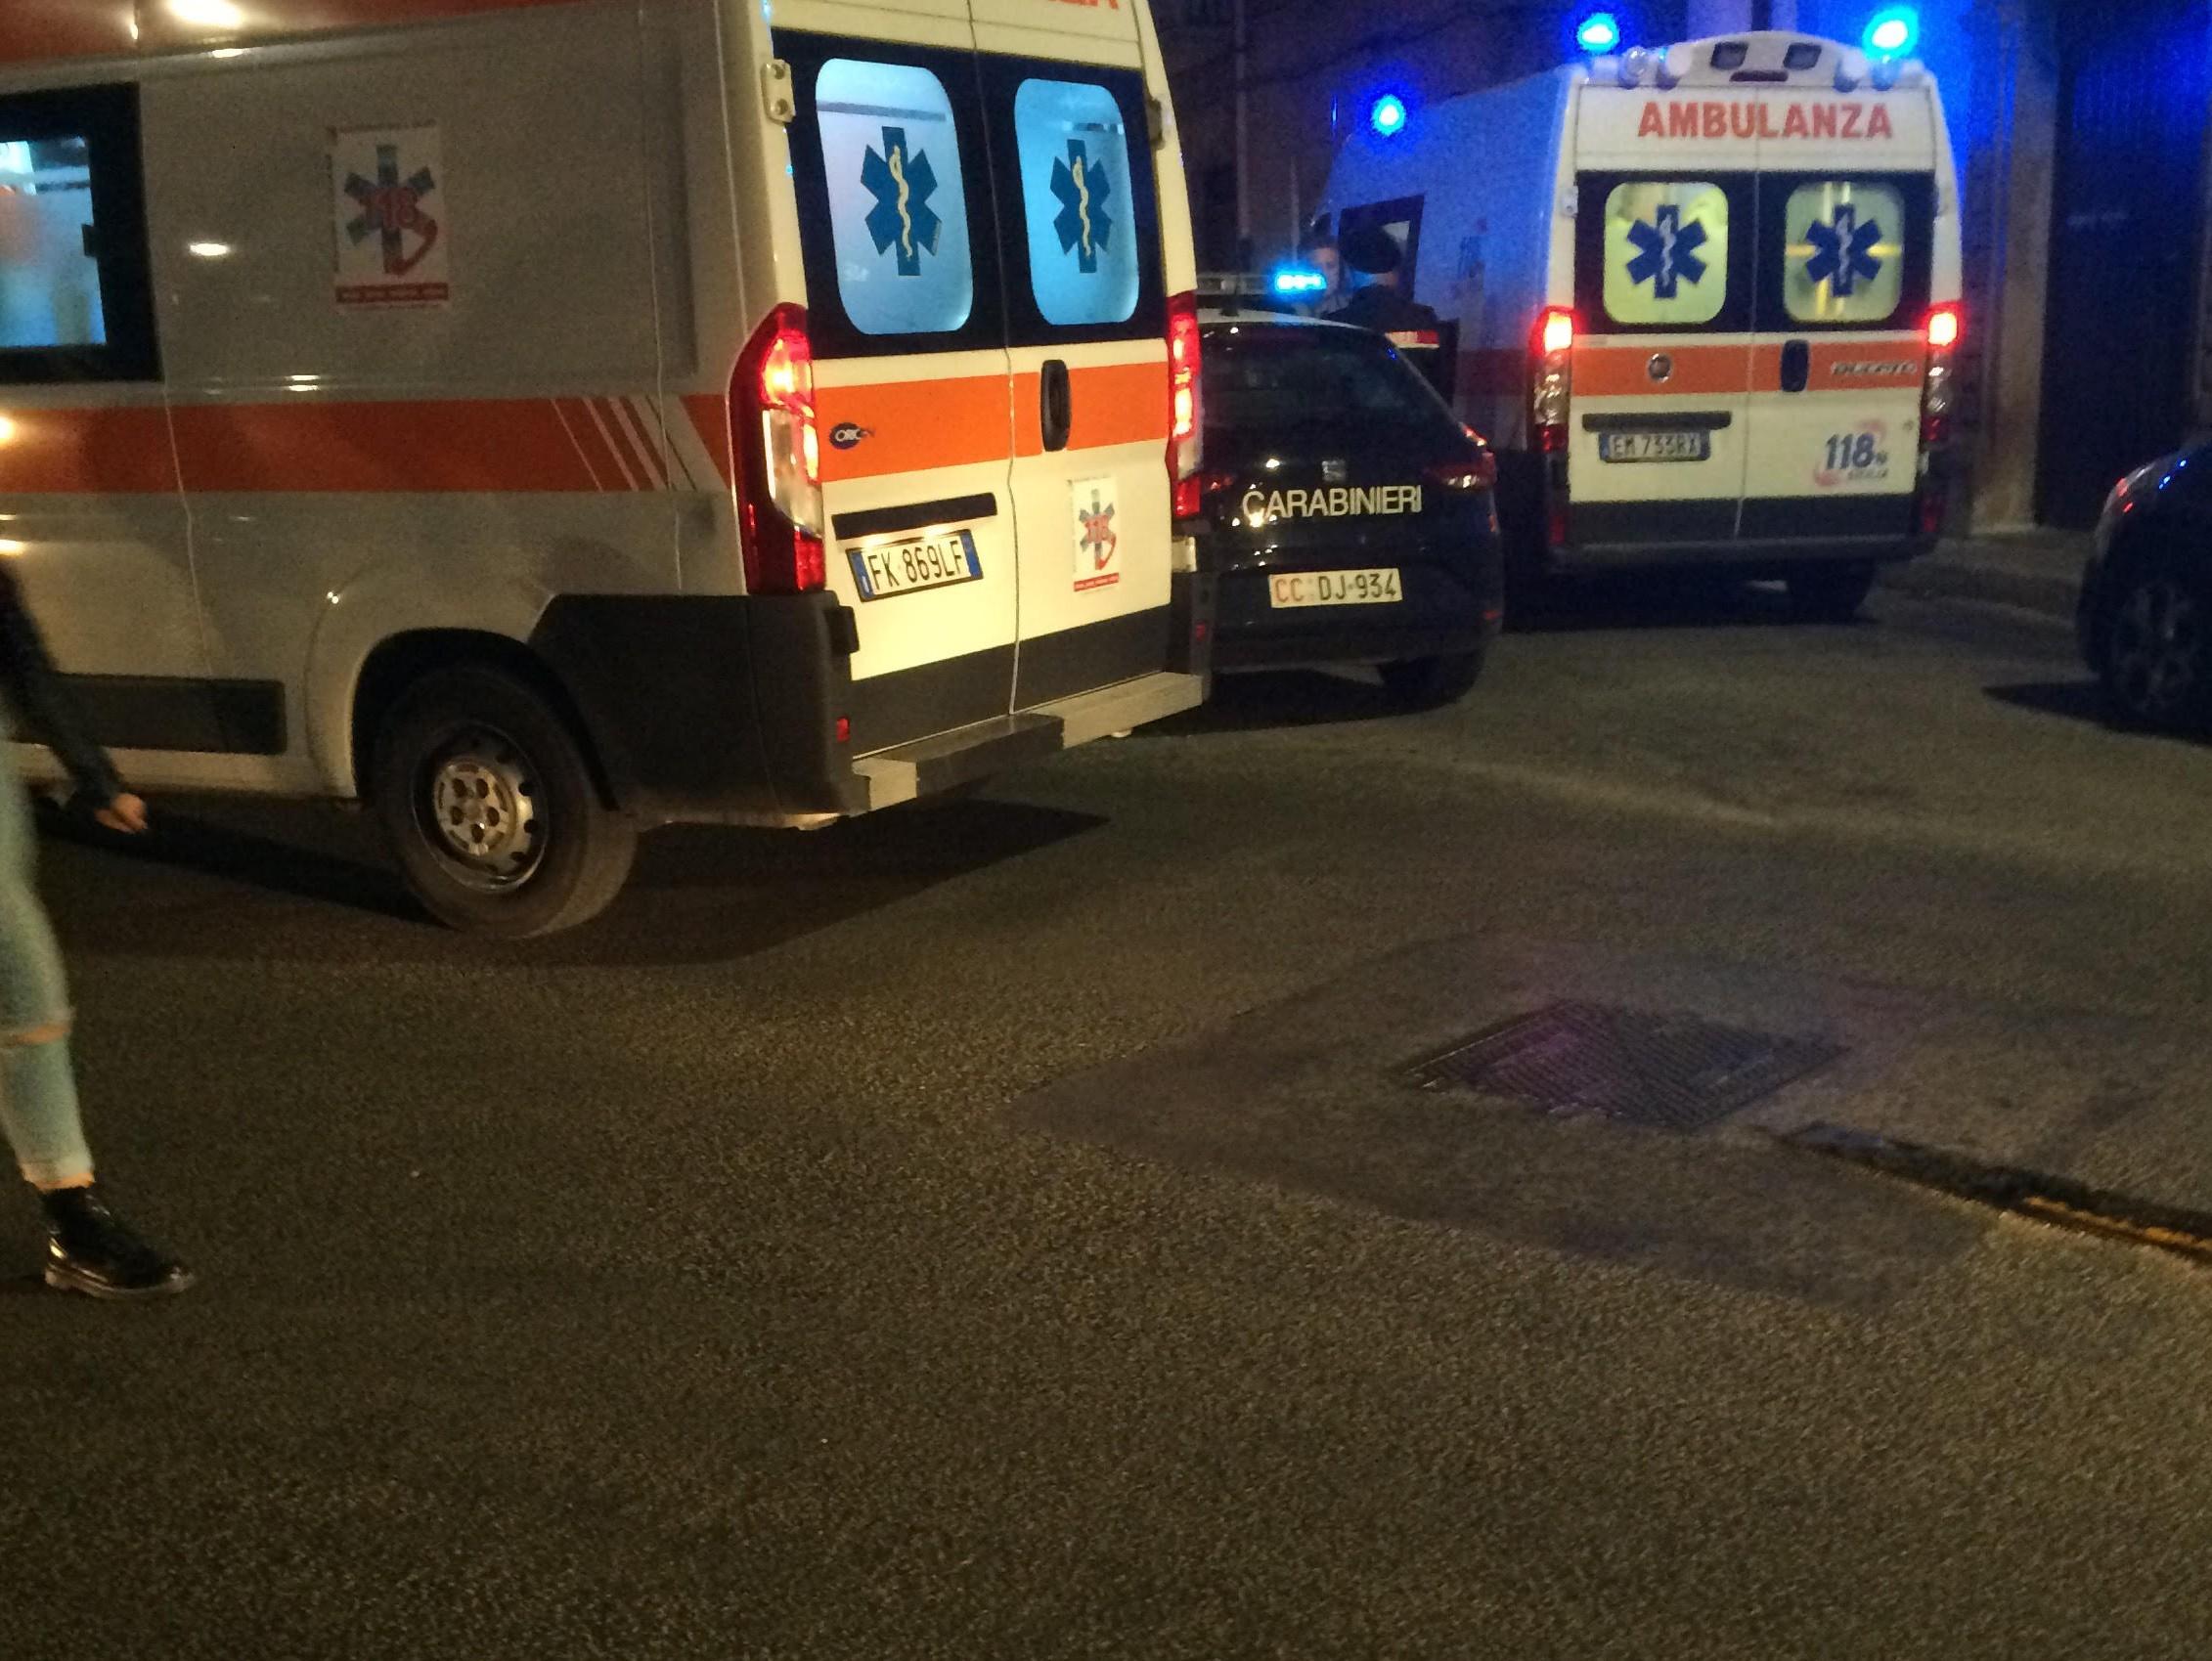 Incidente mortale a Tre Fontane, muore giovane ventenne